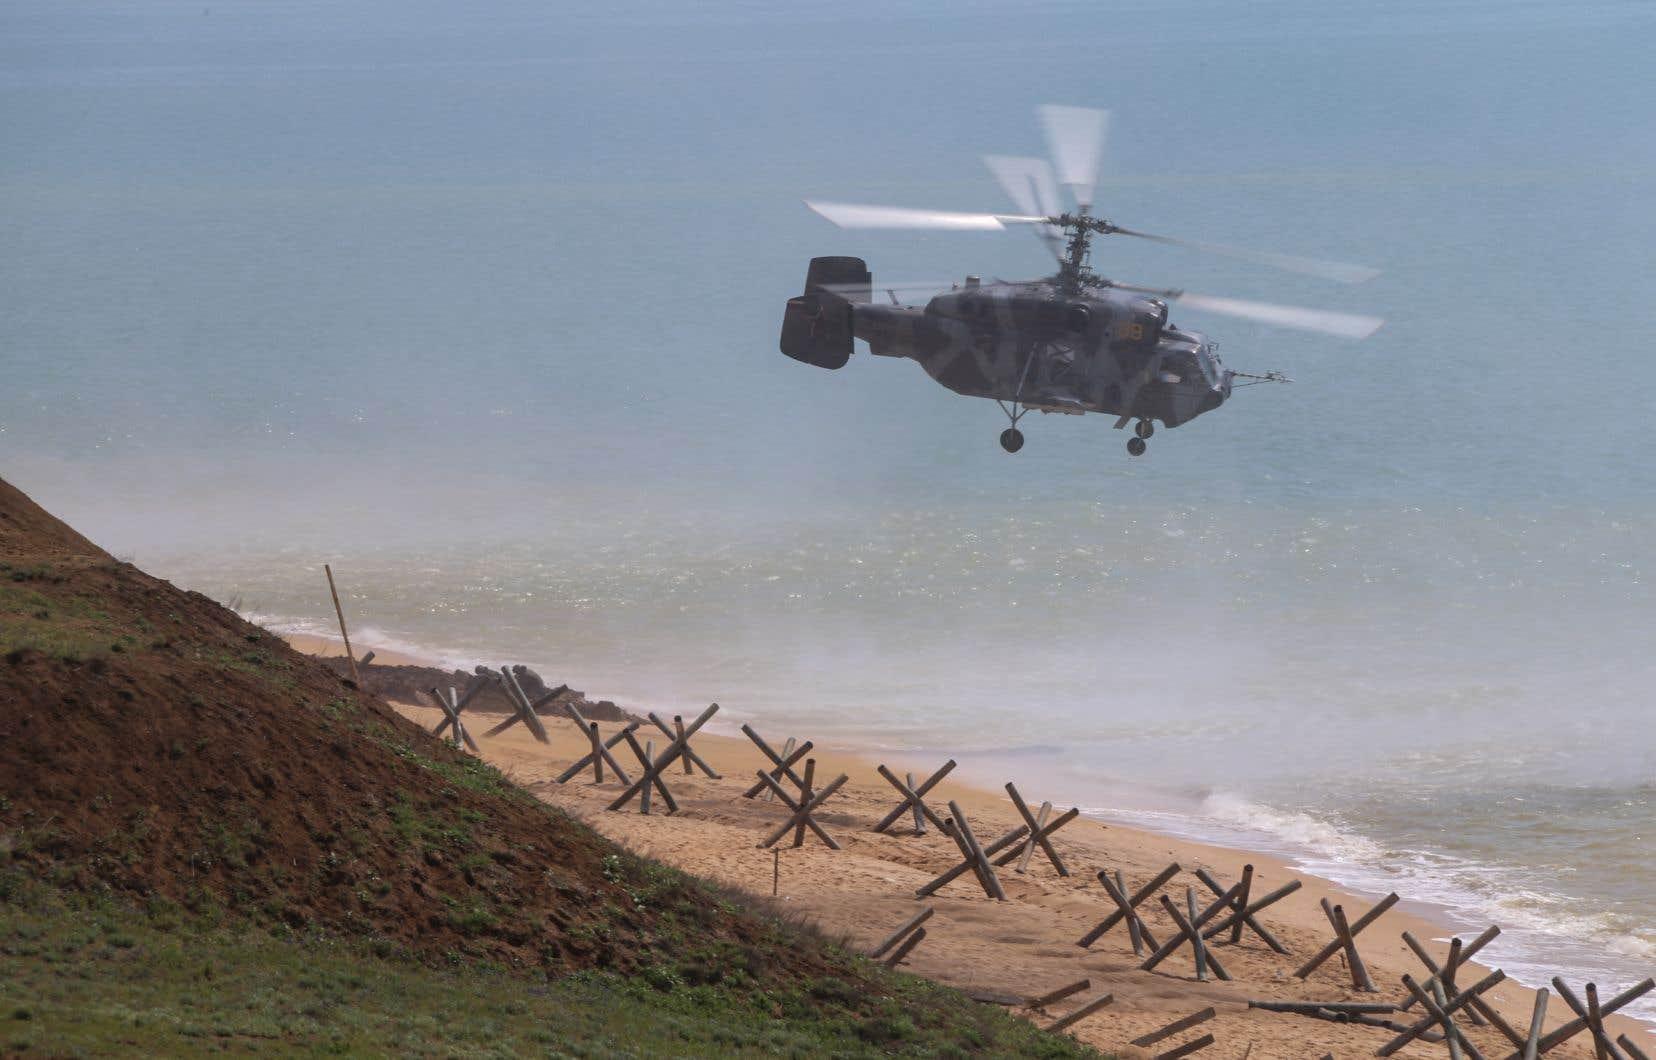 Un hélicoptère militaire russe Kamov Ka-29 participant à un exercice militaire.